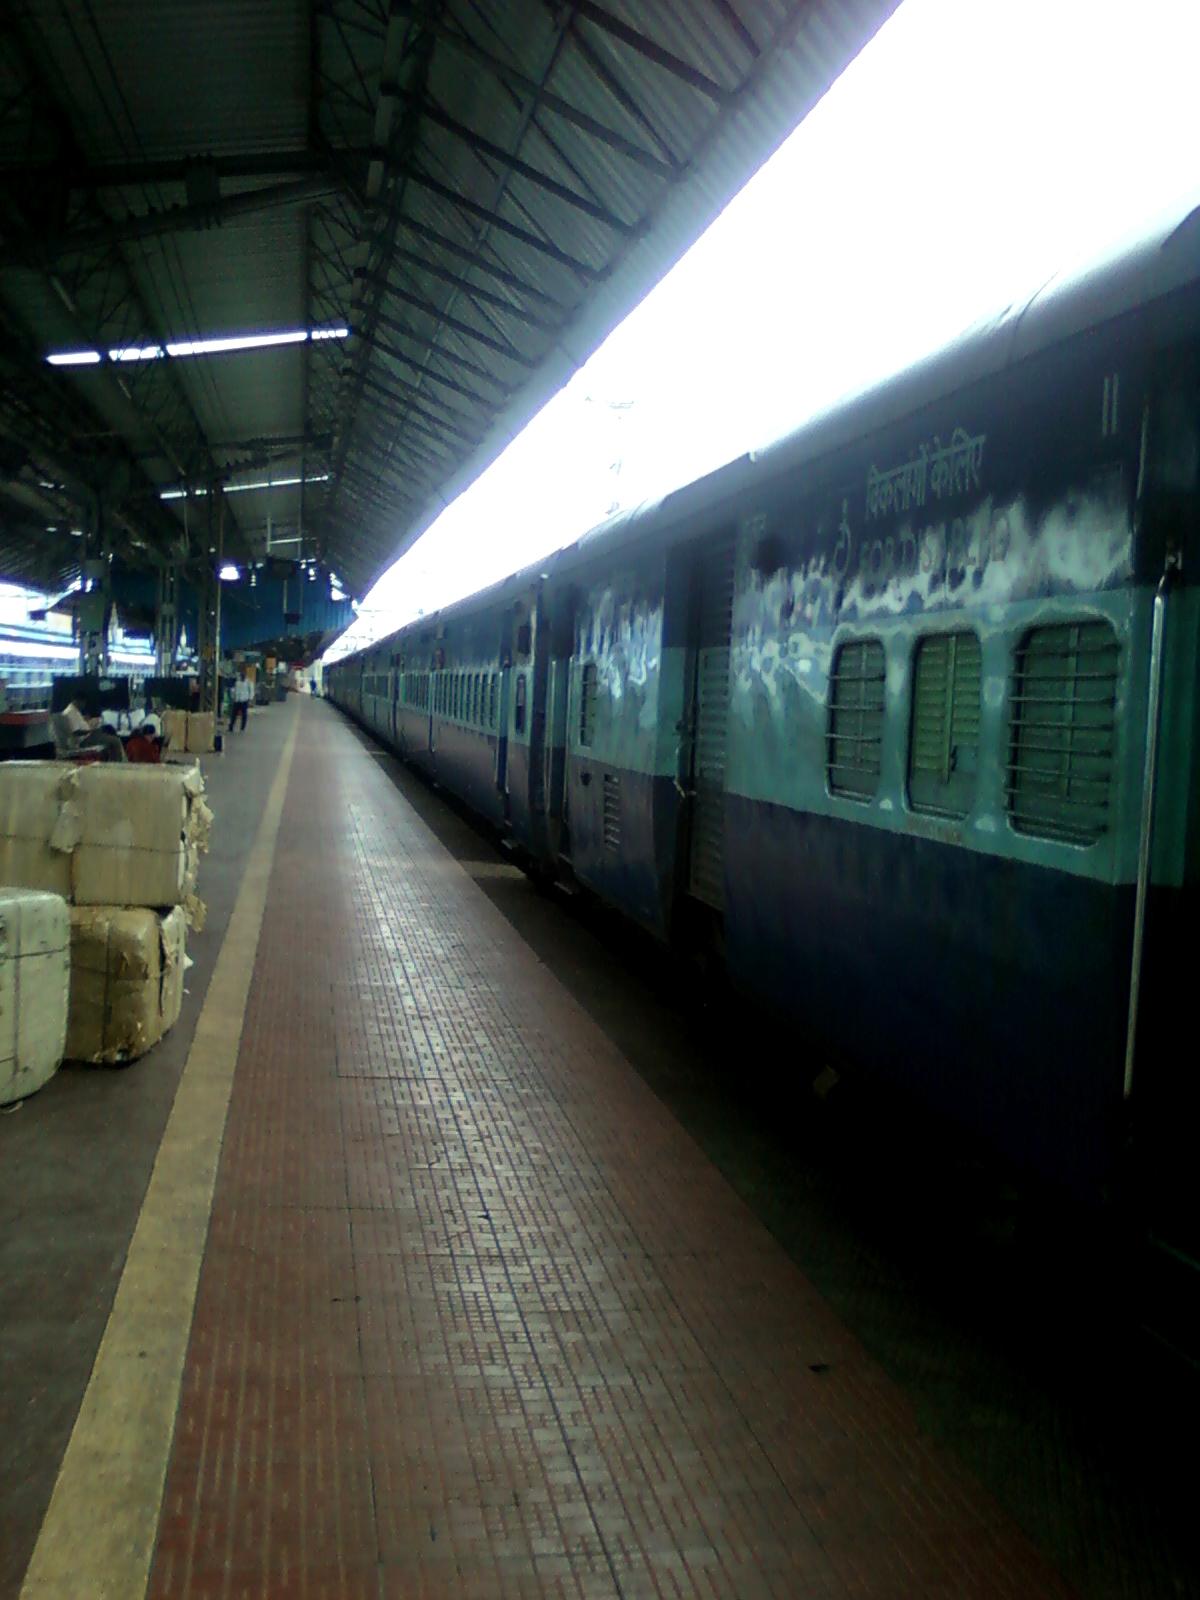 File:17488 Tirumala Express at Visakhapatnam 05.jpg